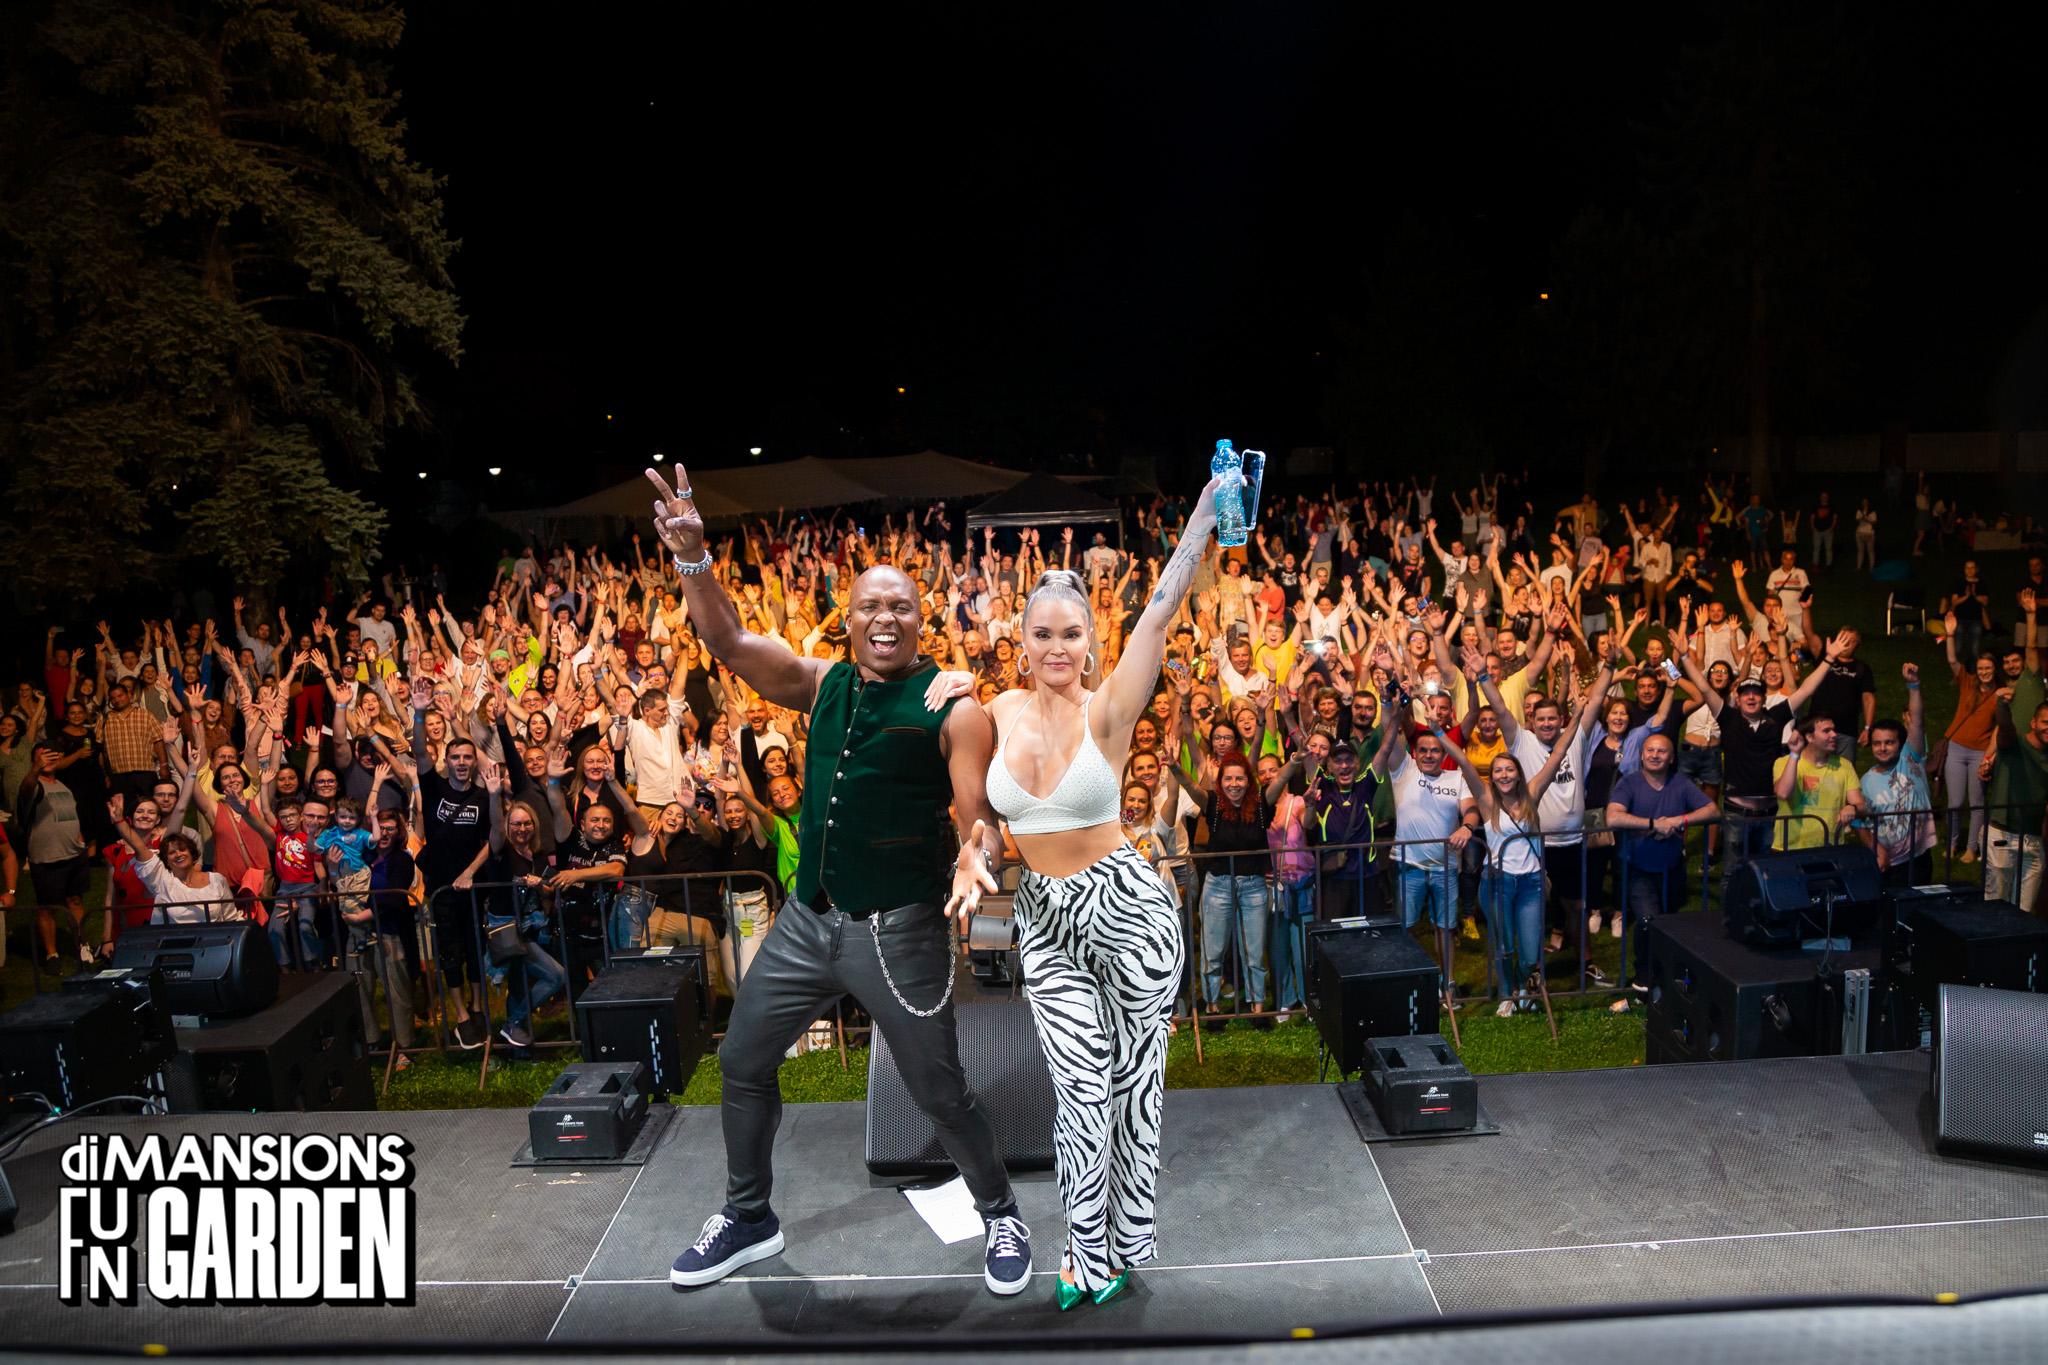 Noi nume mari ale muzicii anunțate la diMansions Fun Garden. Boney M, Loredana și Vunk concertează în luna august pe scena din Coresi Business Campus